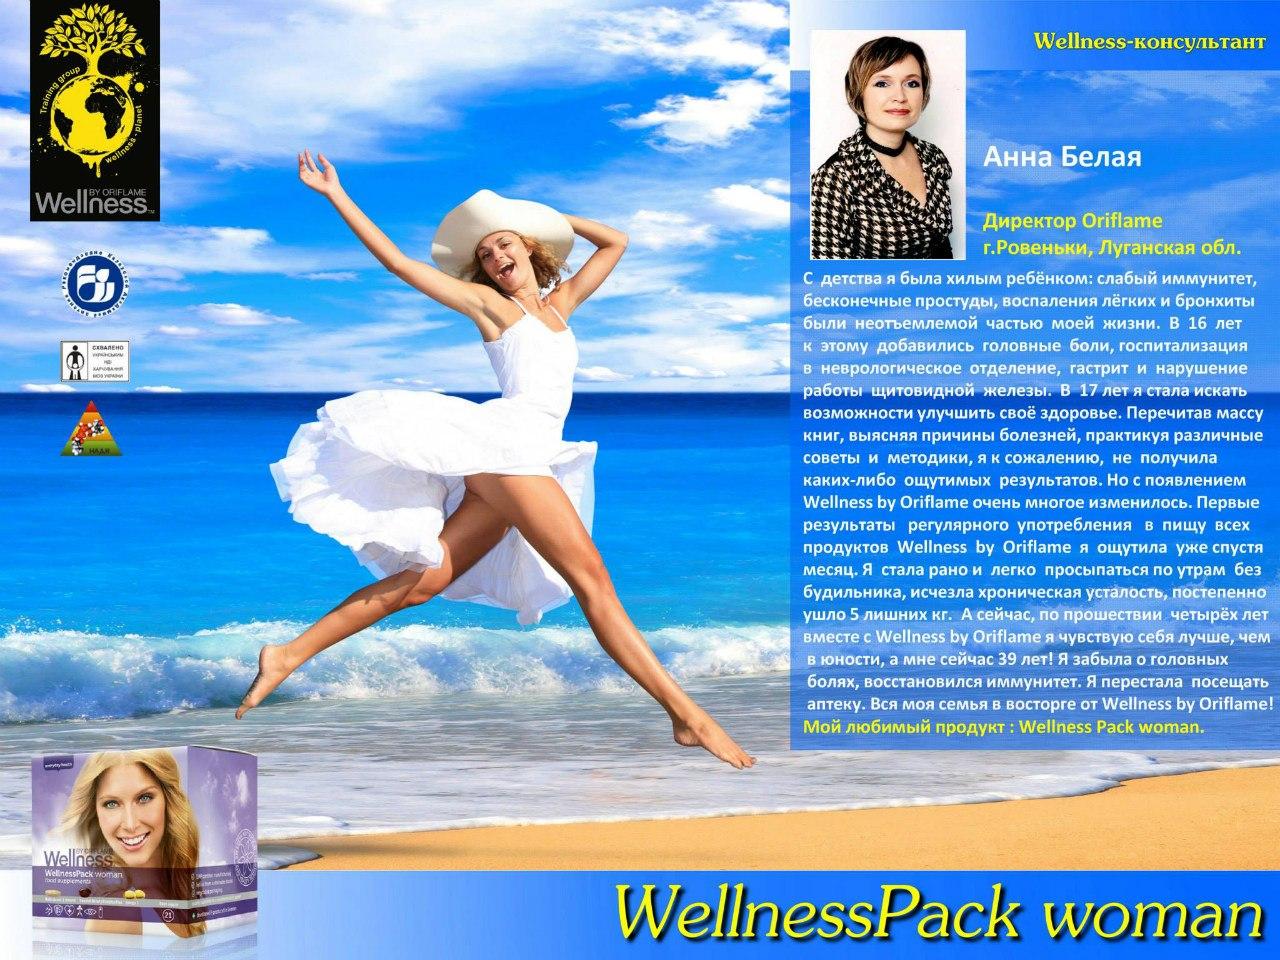 вэлнэс-пэк - решение проблем с хронической усталостью, лишним весом и недостатком витаминов